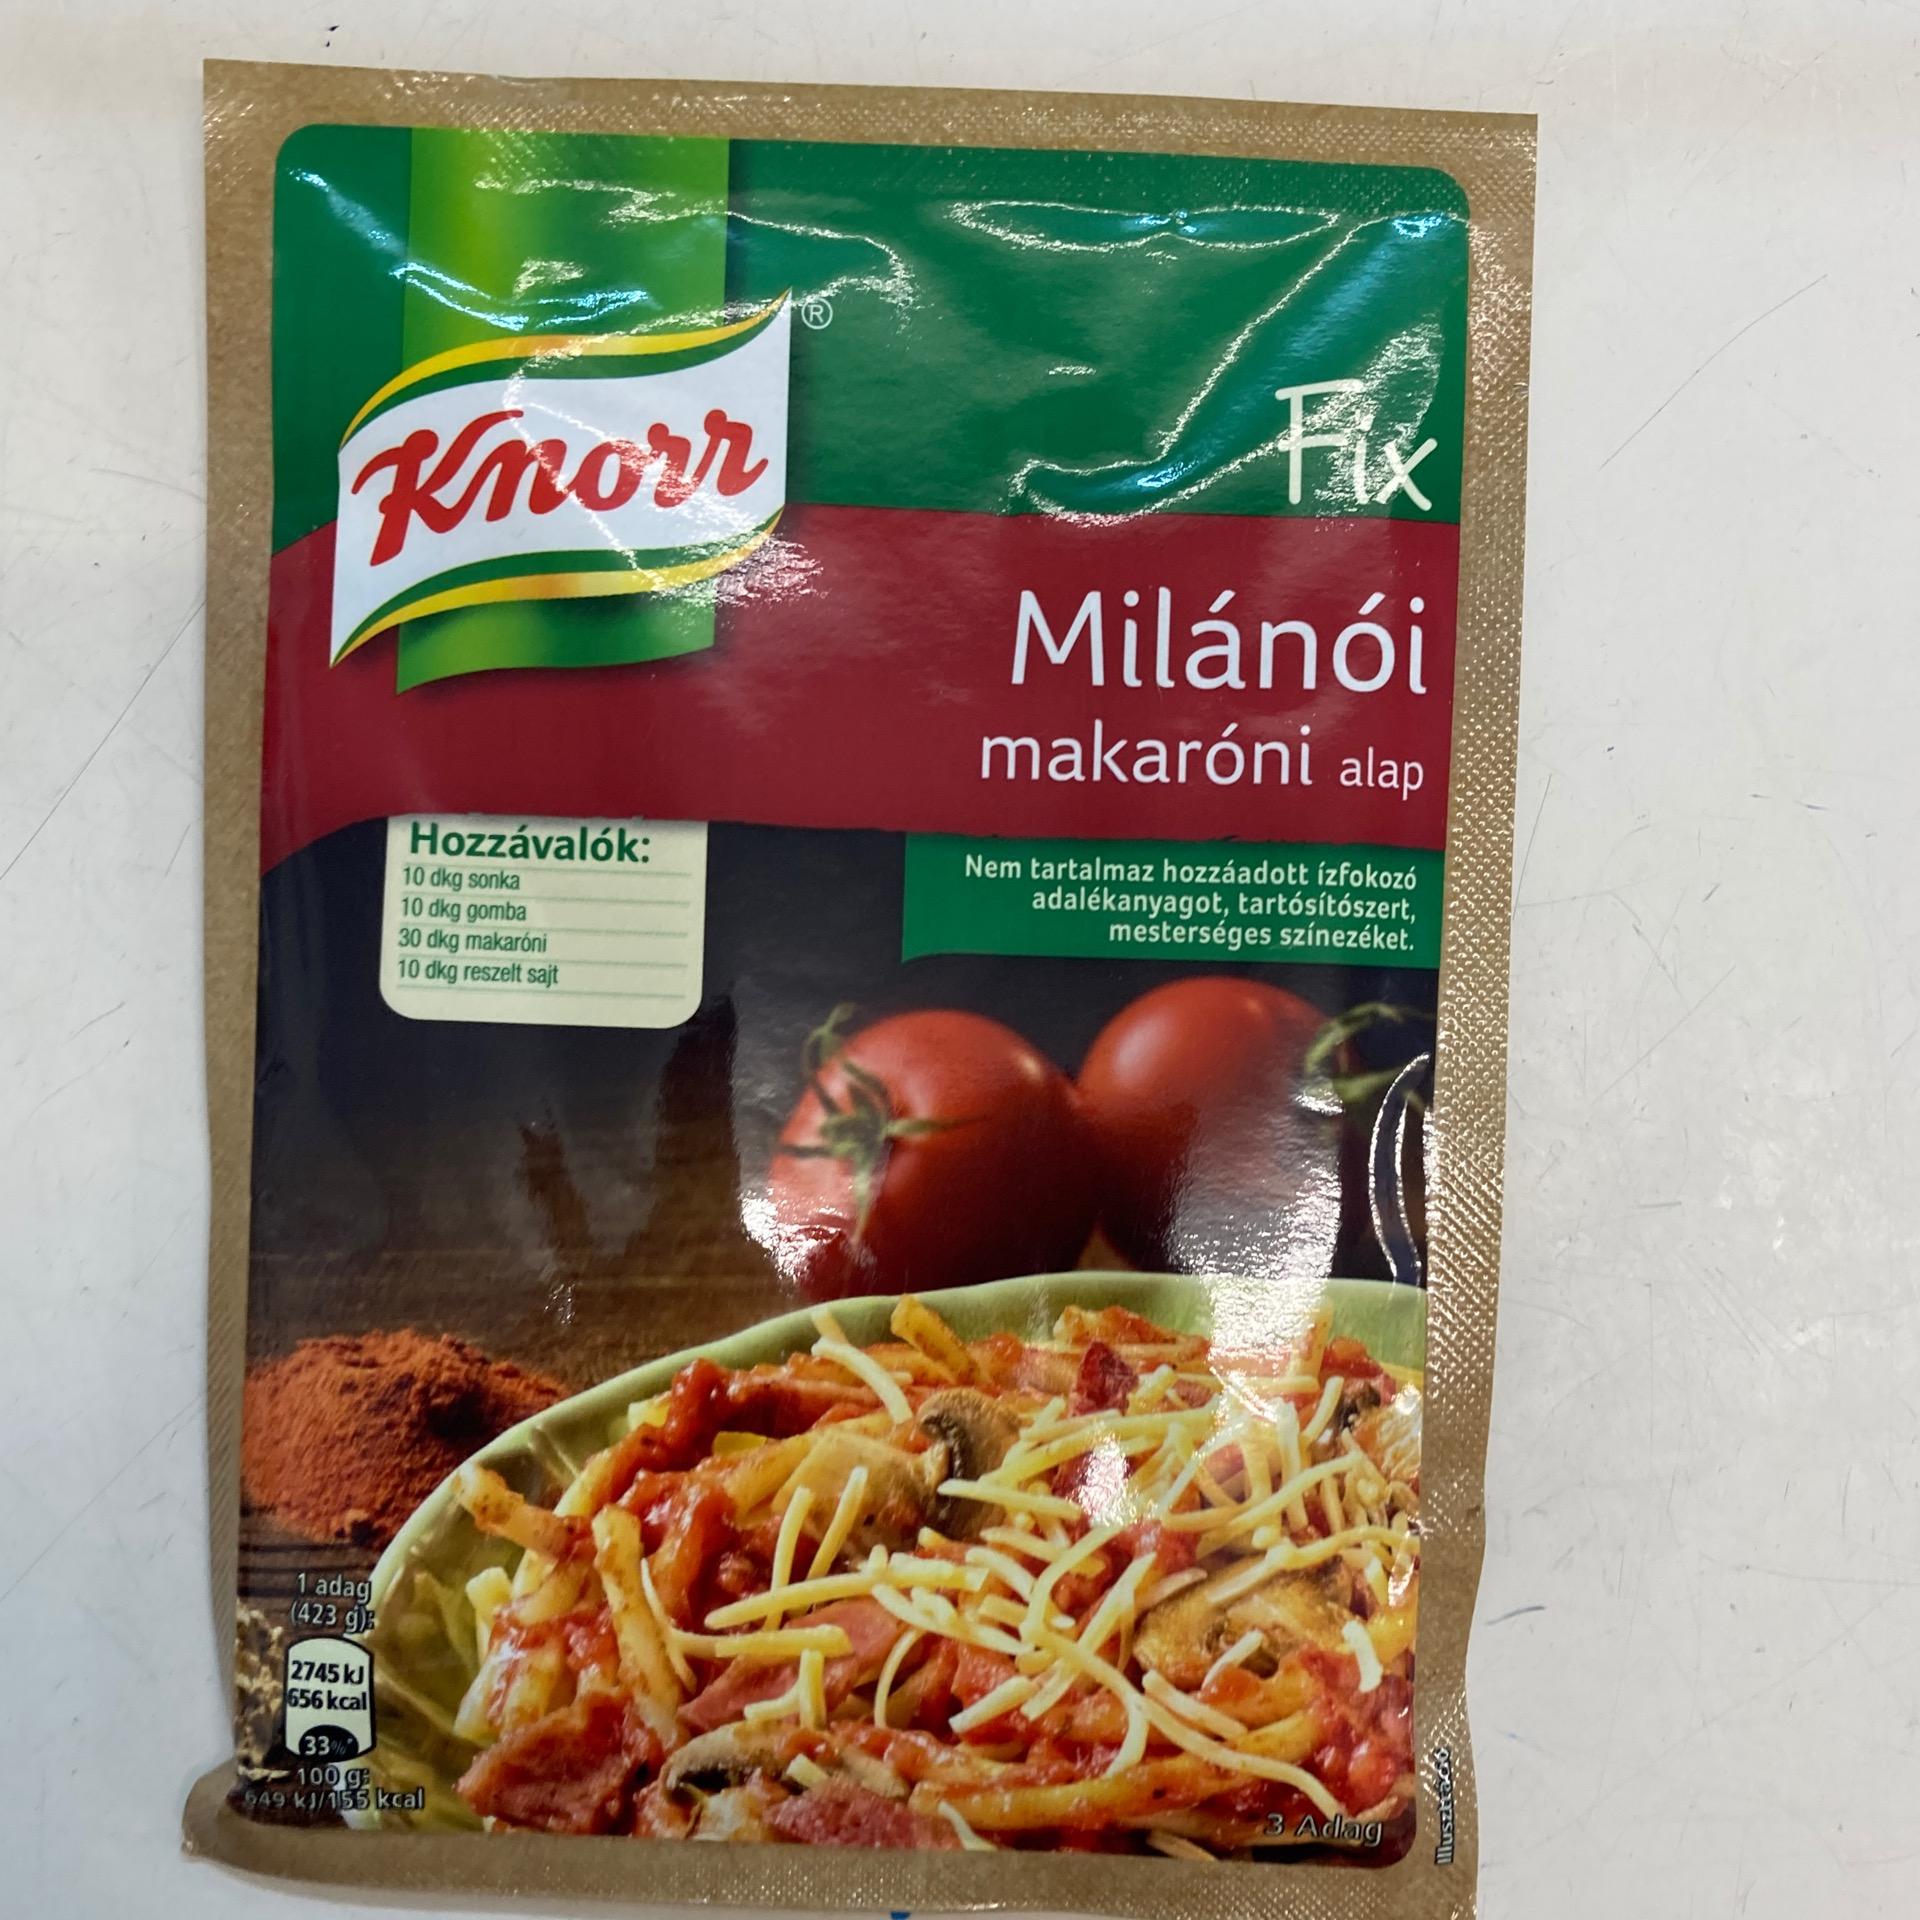 Milánói makaróni alap Knorr Fix